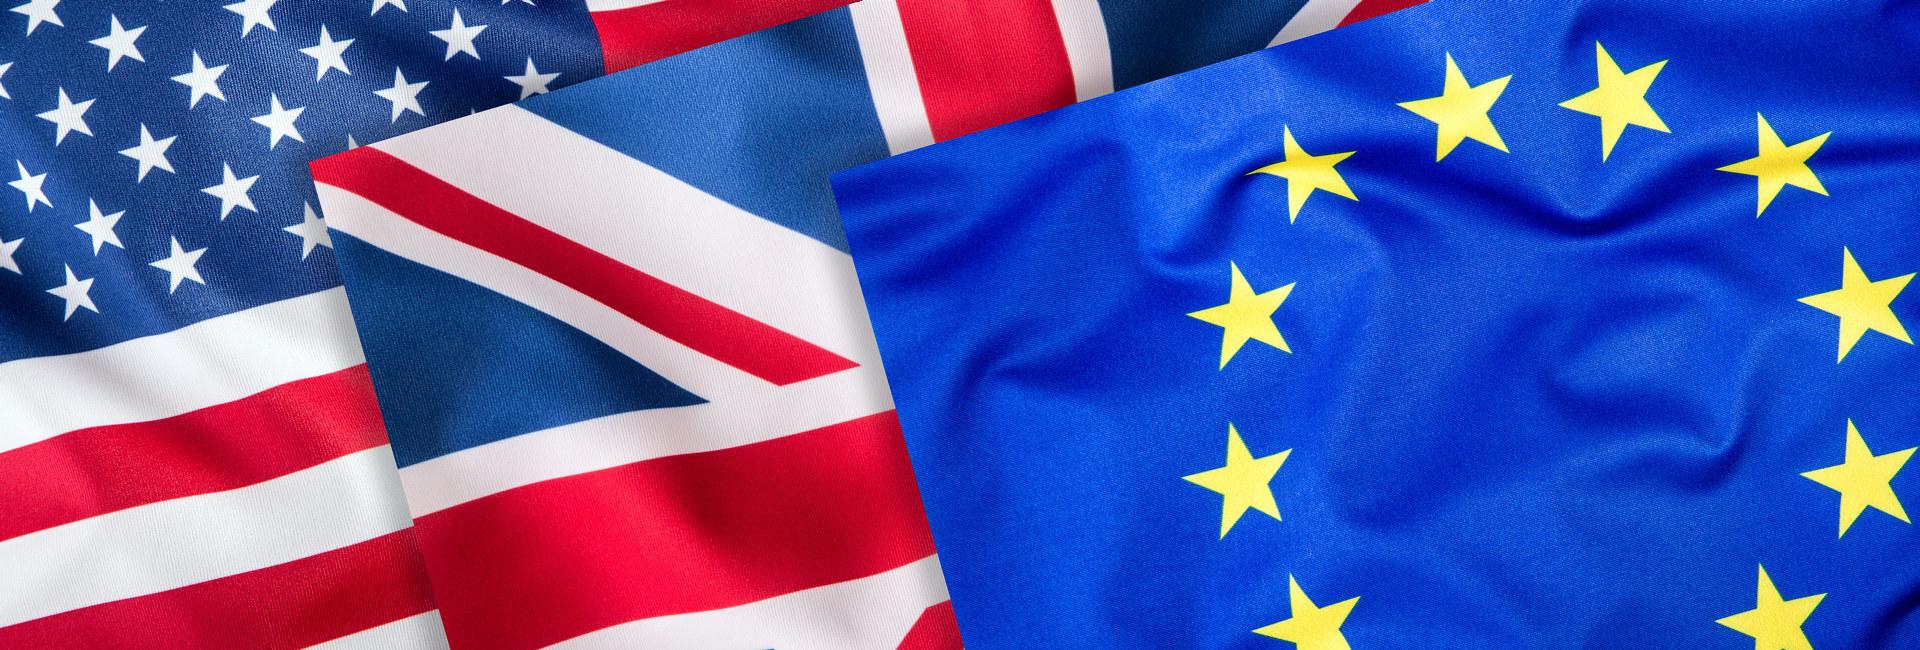 USA, Storbritannia, EU